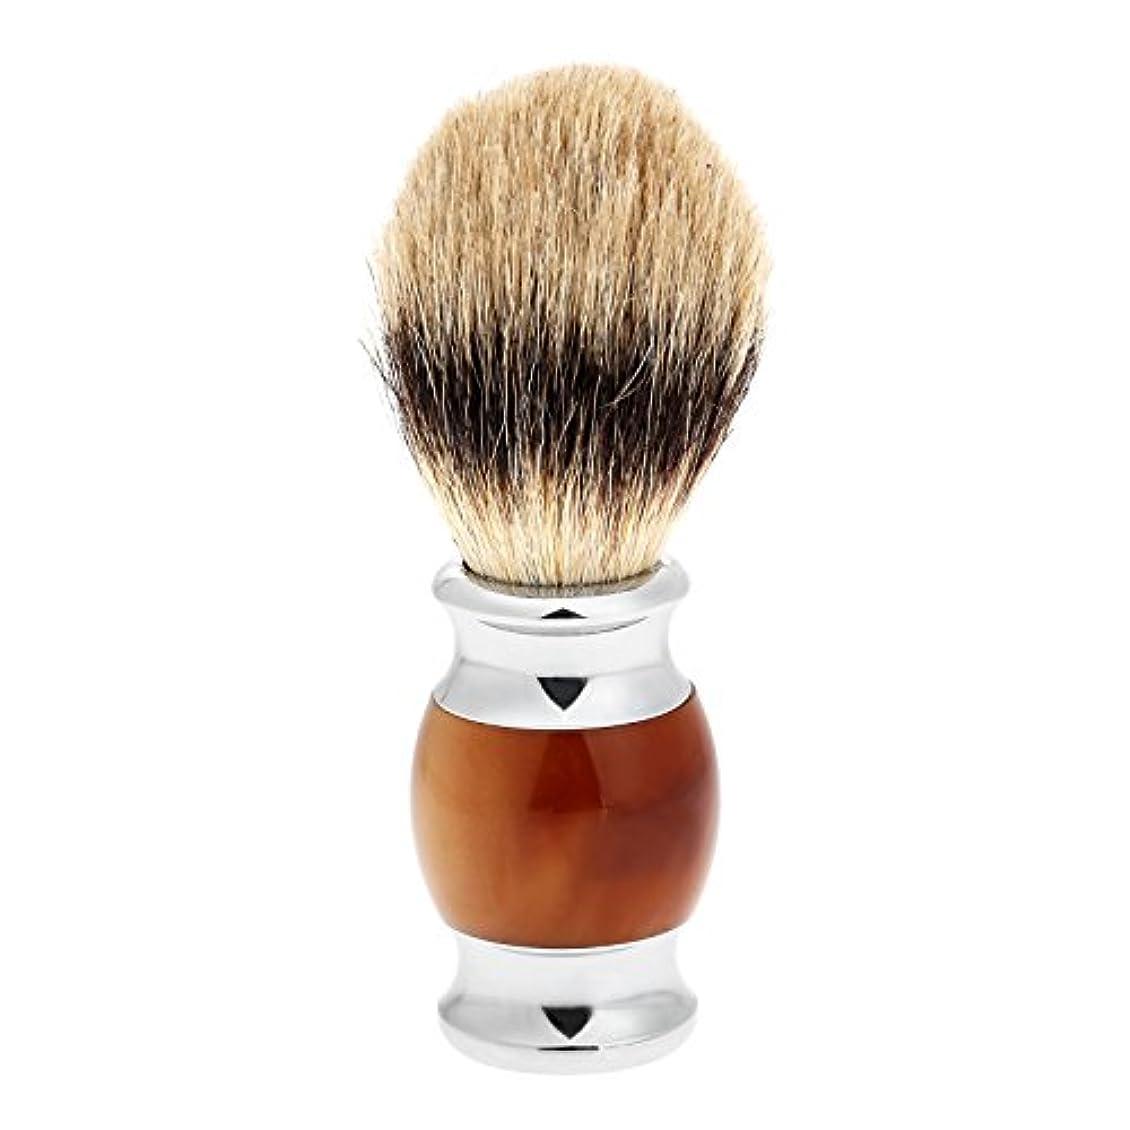 冷凍庫メディックレザー1PC メンズ ひげブラシ アナグマ毛 シェービングブラシ バーバー シェービング用ブラシ 理容 洗顔 髭剃り